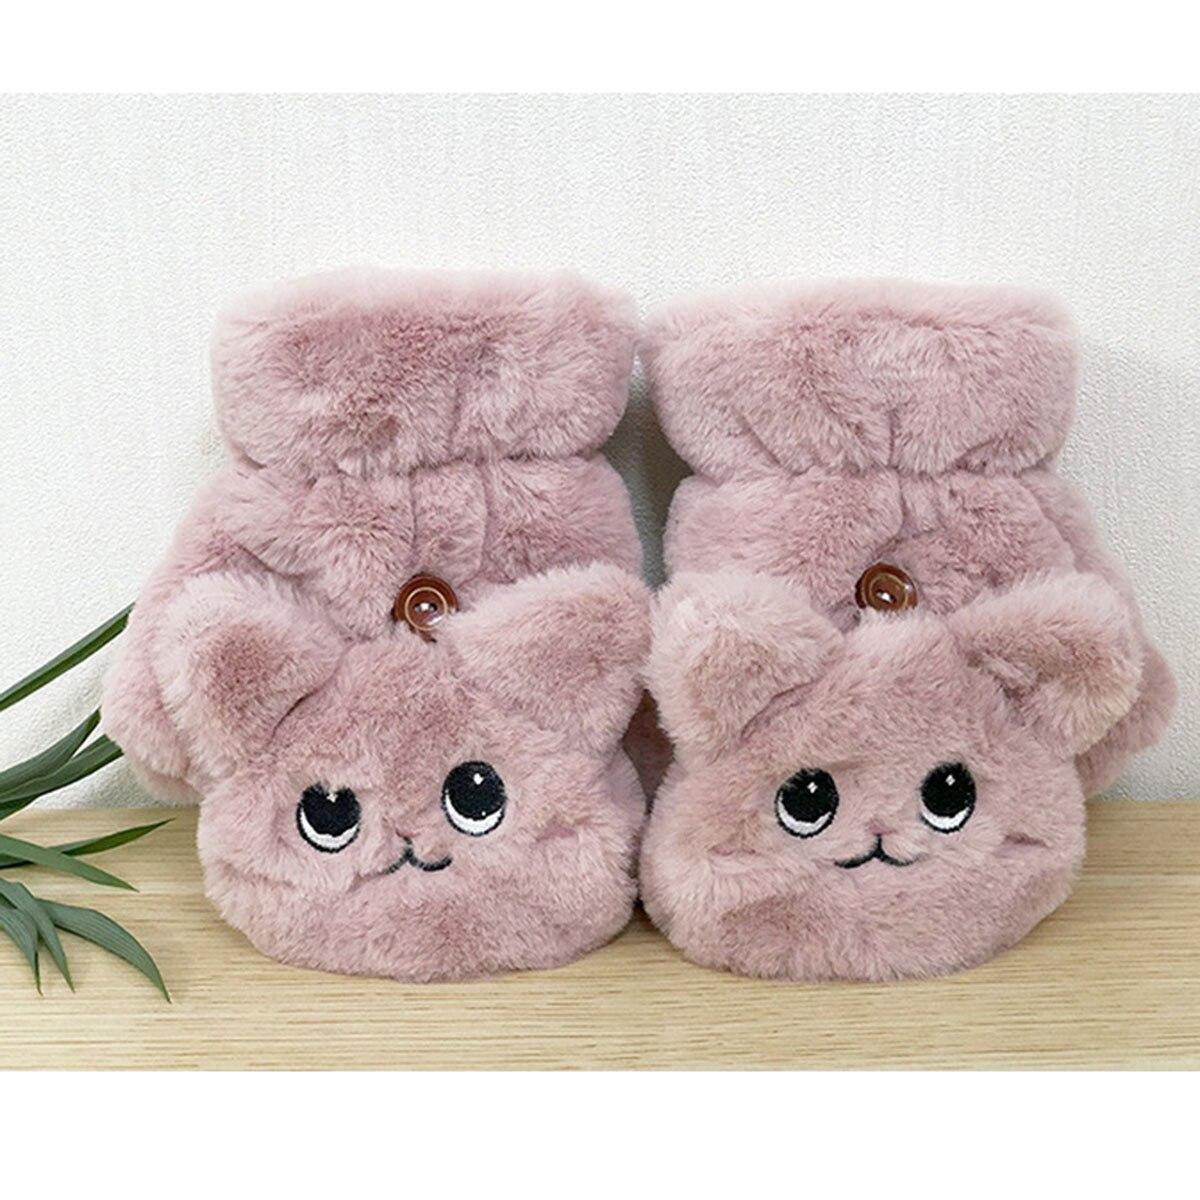 Плотные теплые пушистые перчатки с открытыми пальцами милые парные раскладные перчатки мужские и женские мужские зимние перчатки для рук